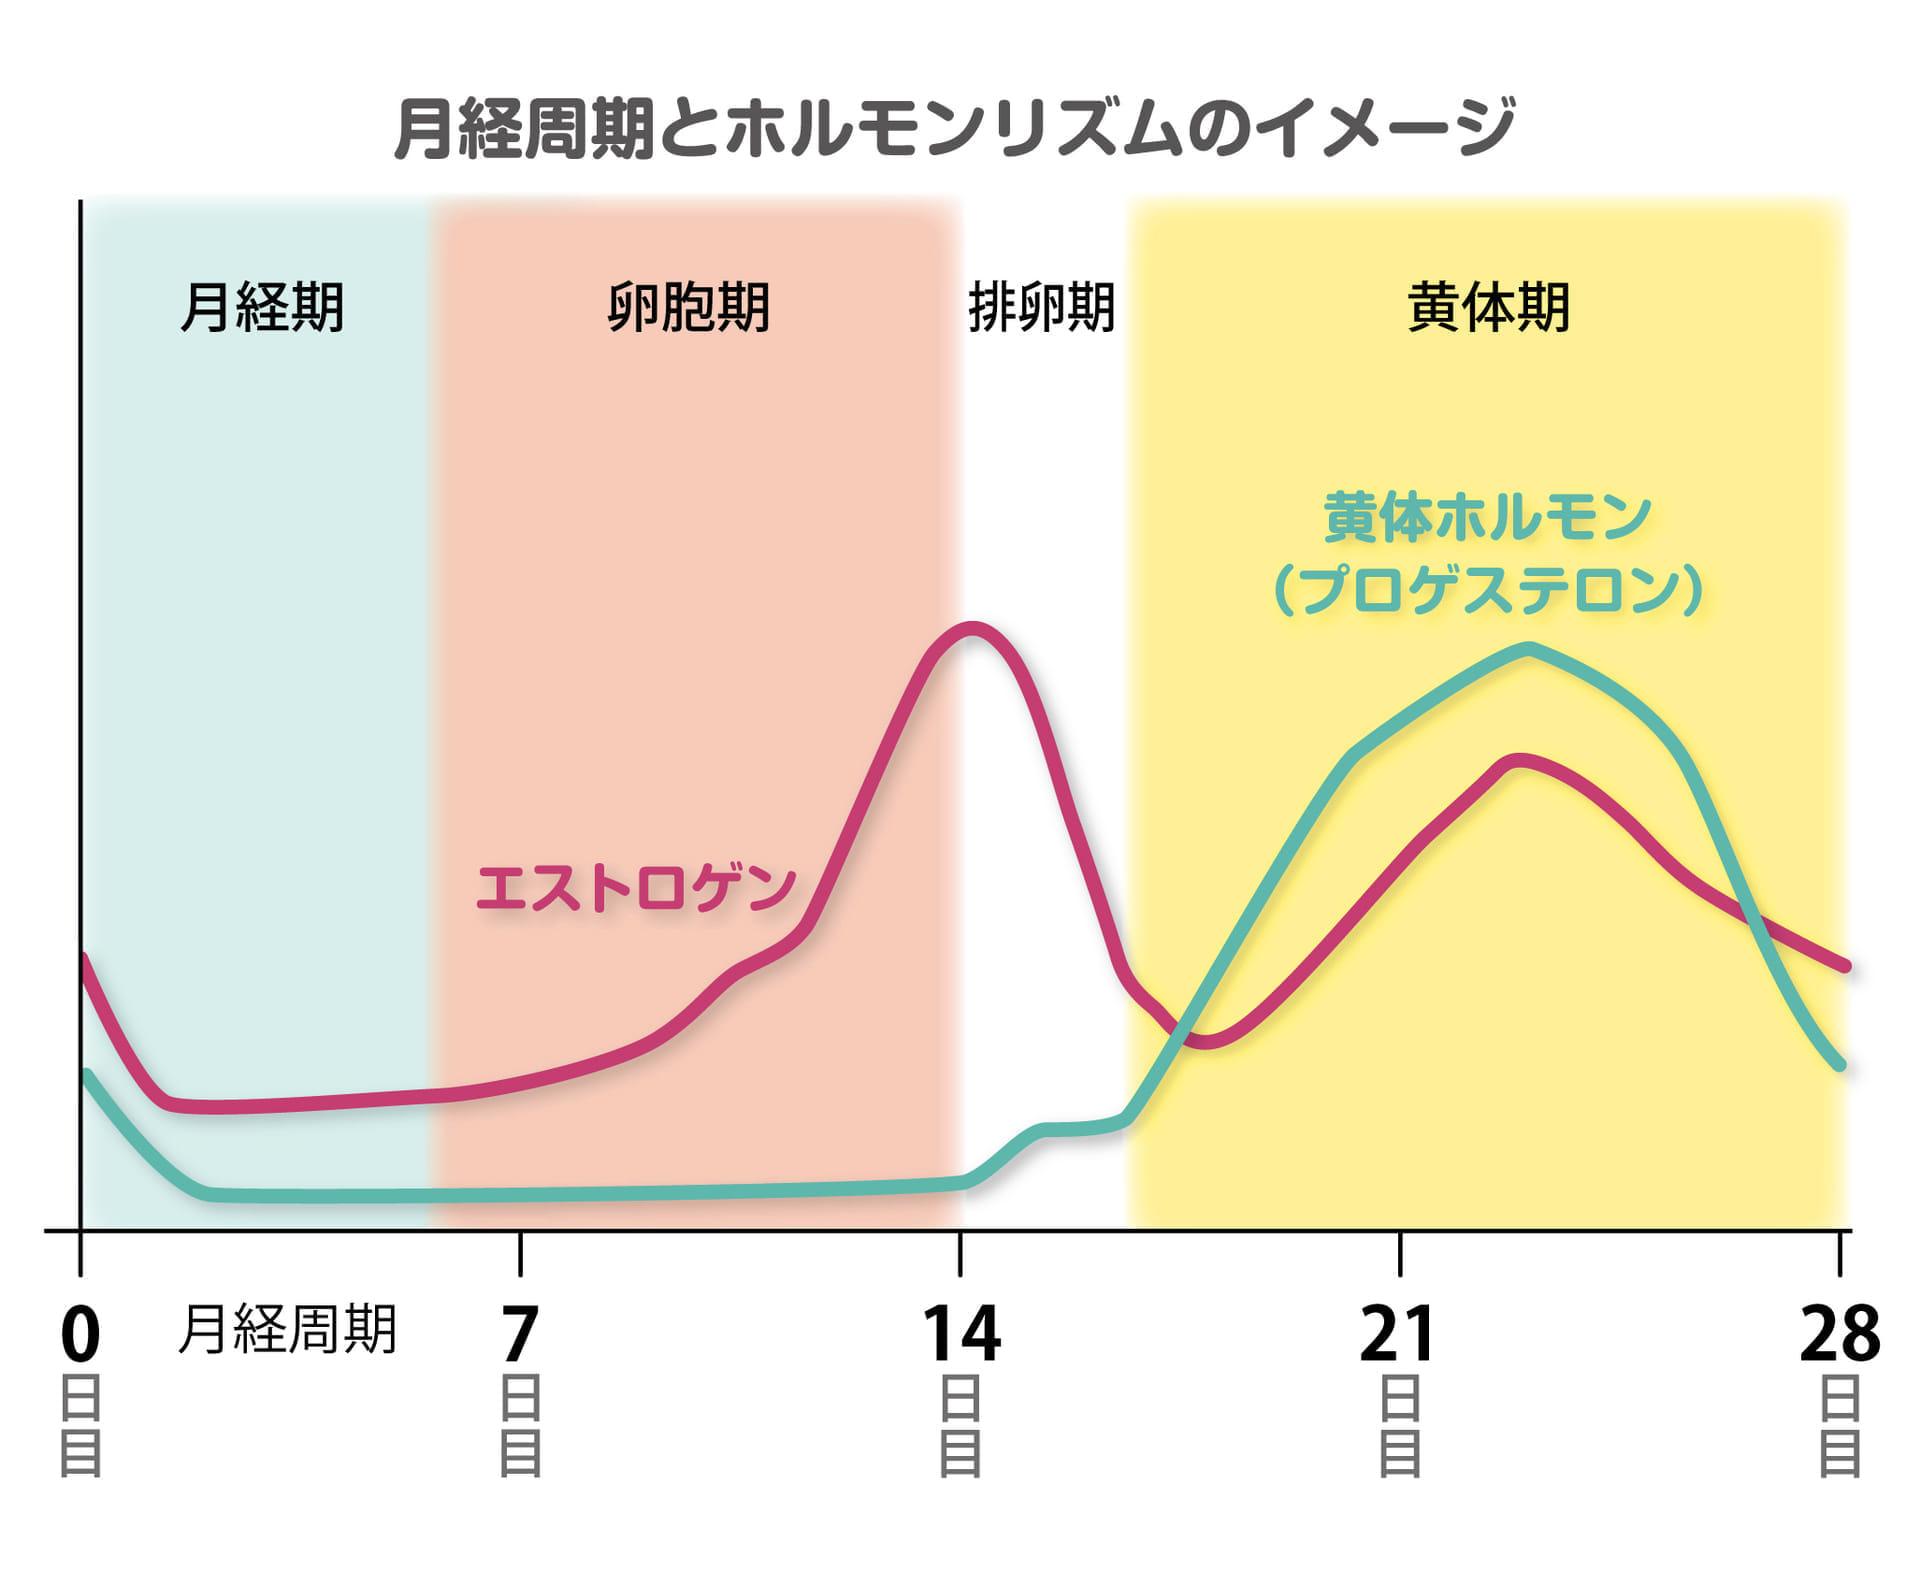 替えkounenki-ホルモンリズム-